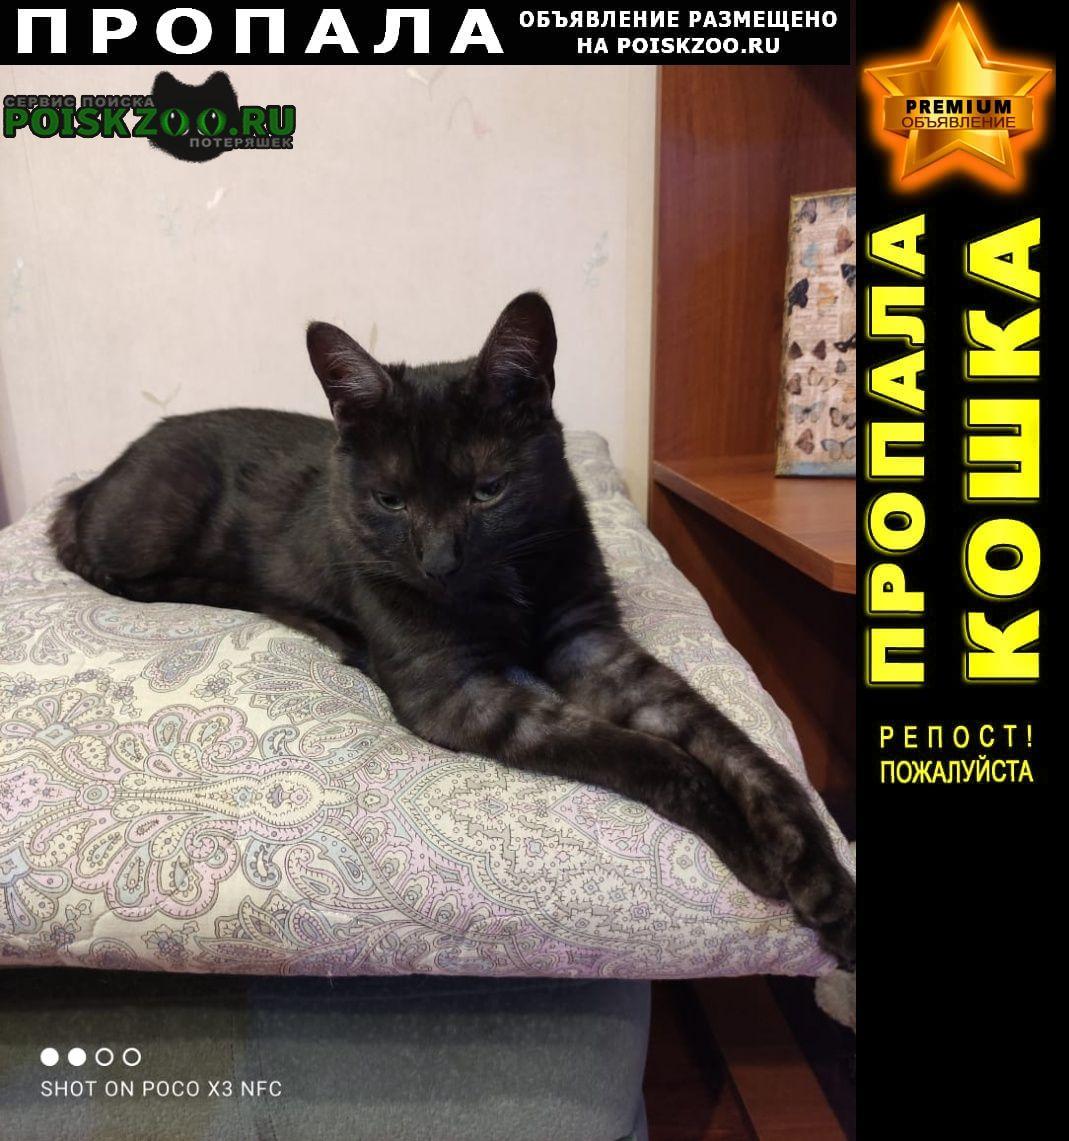 Пропал кот черный с серым подпушком Чехов